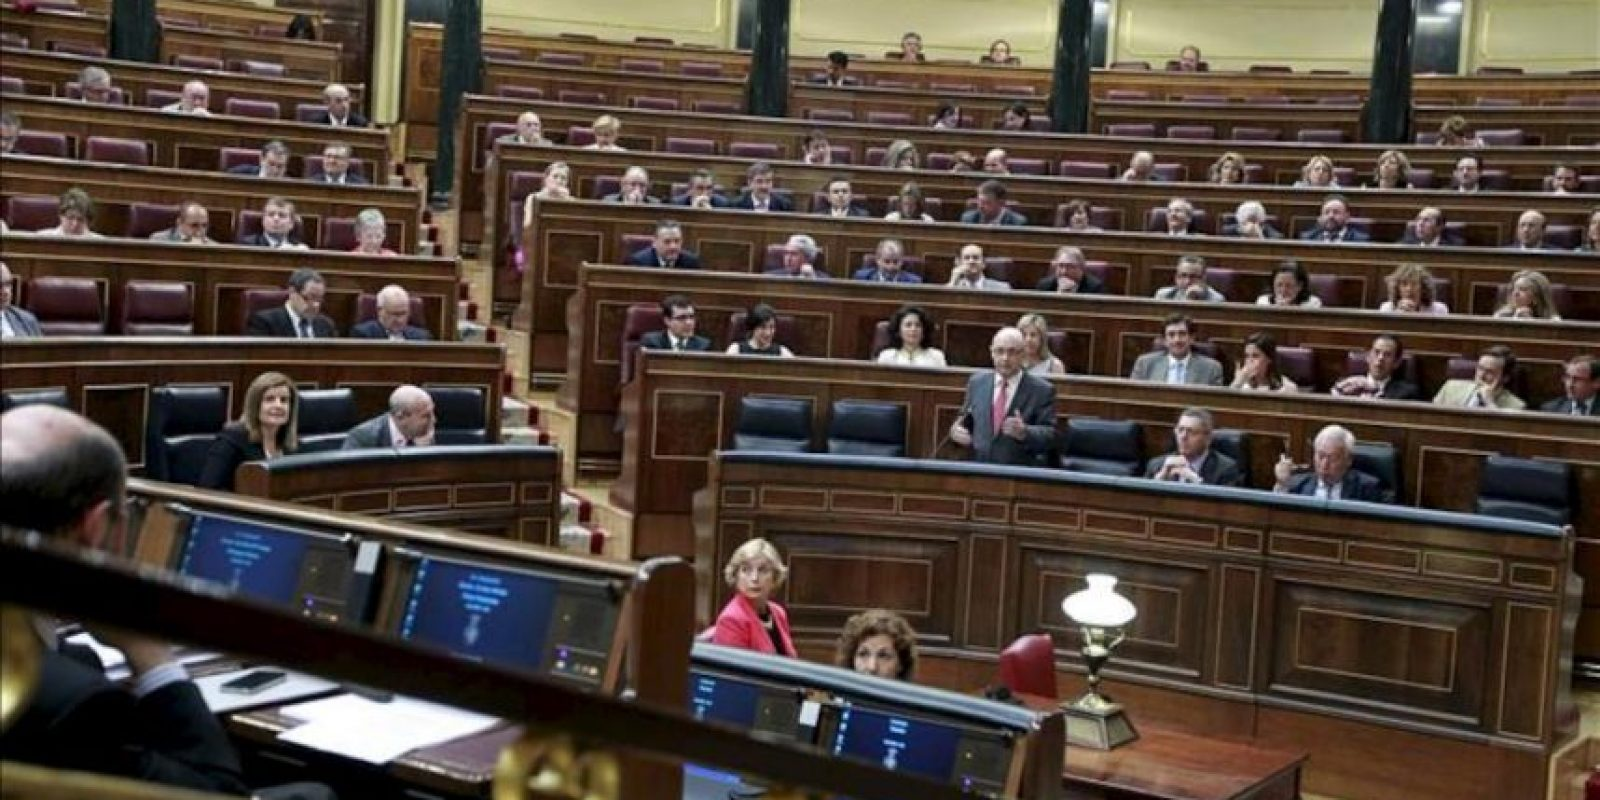 El ministro de Hacienda y Administraciones Públicas, Cristóbal Montoro, durante su intervención en la sesión de control al Gobierno celebrada hoy en el Congreso. EFE